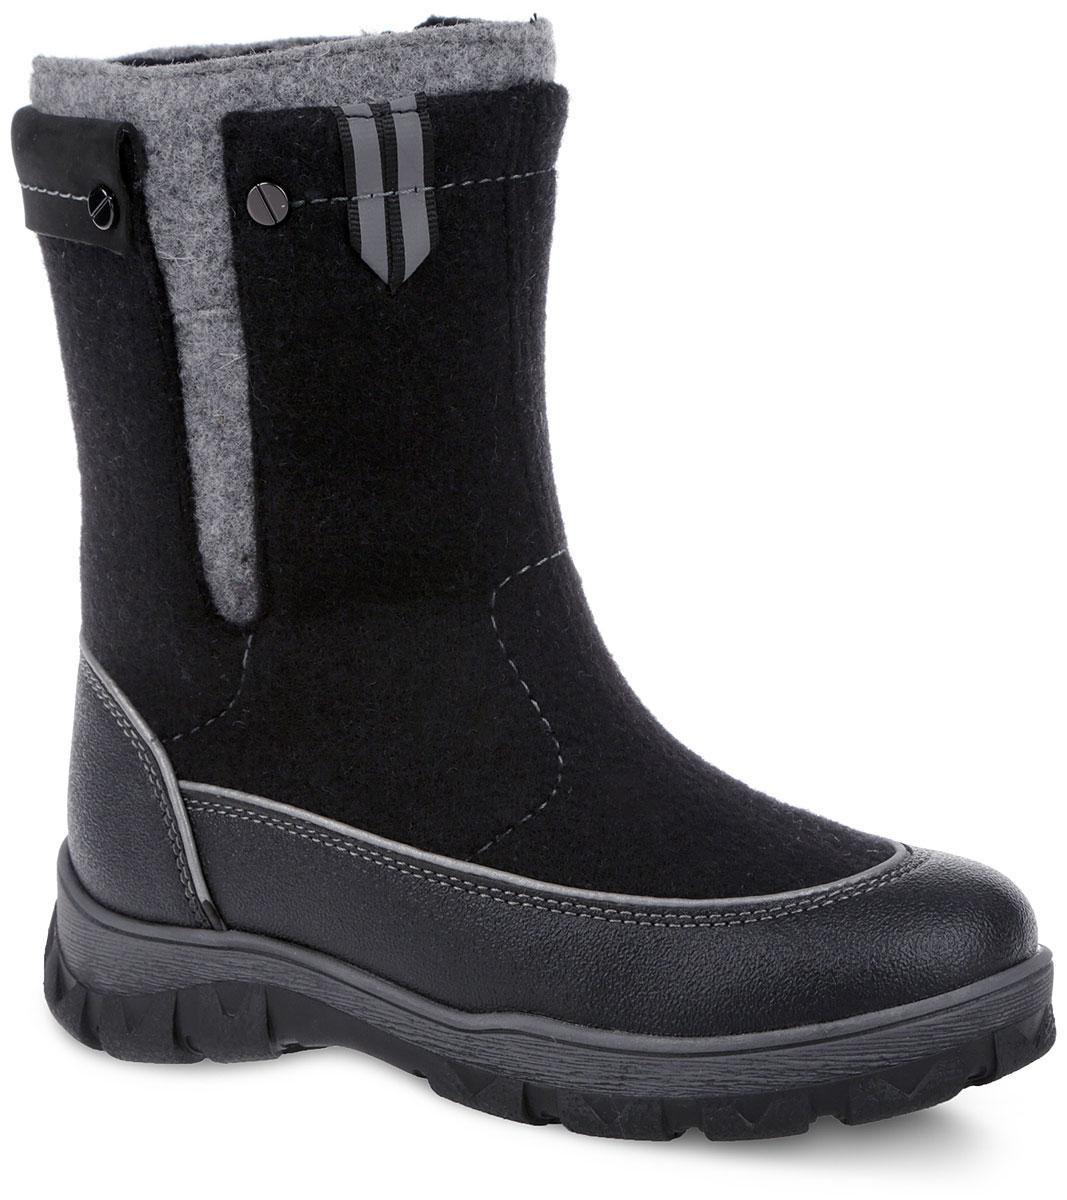 Валенки для мальчика Elegami, цвет: черный, серый. 6-612551501. Размер 326-612551501Модные и невероятно теплые валенки от Elegami согреют ножки вашего мальчика в лютые морозы! Модель выполнена из войлока и оформлена контрастной прострочкой. Застежка-молния, расположенная сбоку, позволяет регулировать объем голенища и защищает обувь от попадания снега. Светоотражающие элементы отвечают за дополнительную безопасность в темное время суток. Специальные накладки вдоль подошвы обеспечивают непромокаемость и защиту от истирания. Подкладка и стелька из шерстяной байки создают надежную теплозащиту. Морозостойкая подошва с антифрикционными свойствами гарантирует идеальное сцепление на любой поверхности.Удобные и теплые валенки - необходимая вещь в гардеробе каждого ребенка.